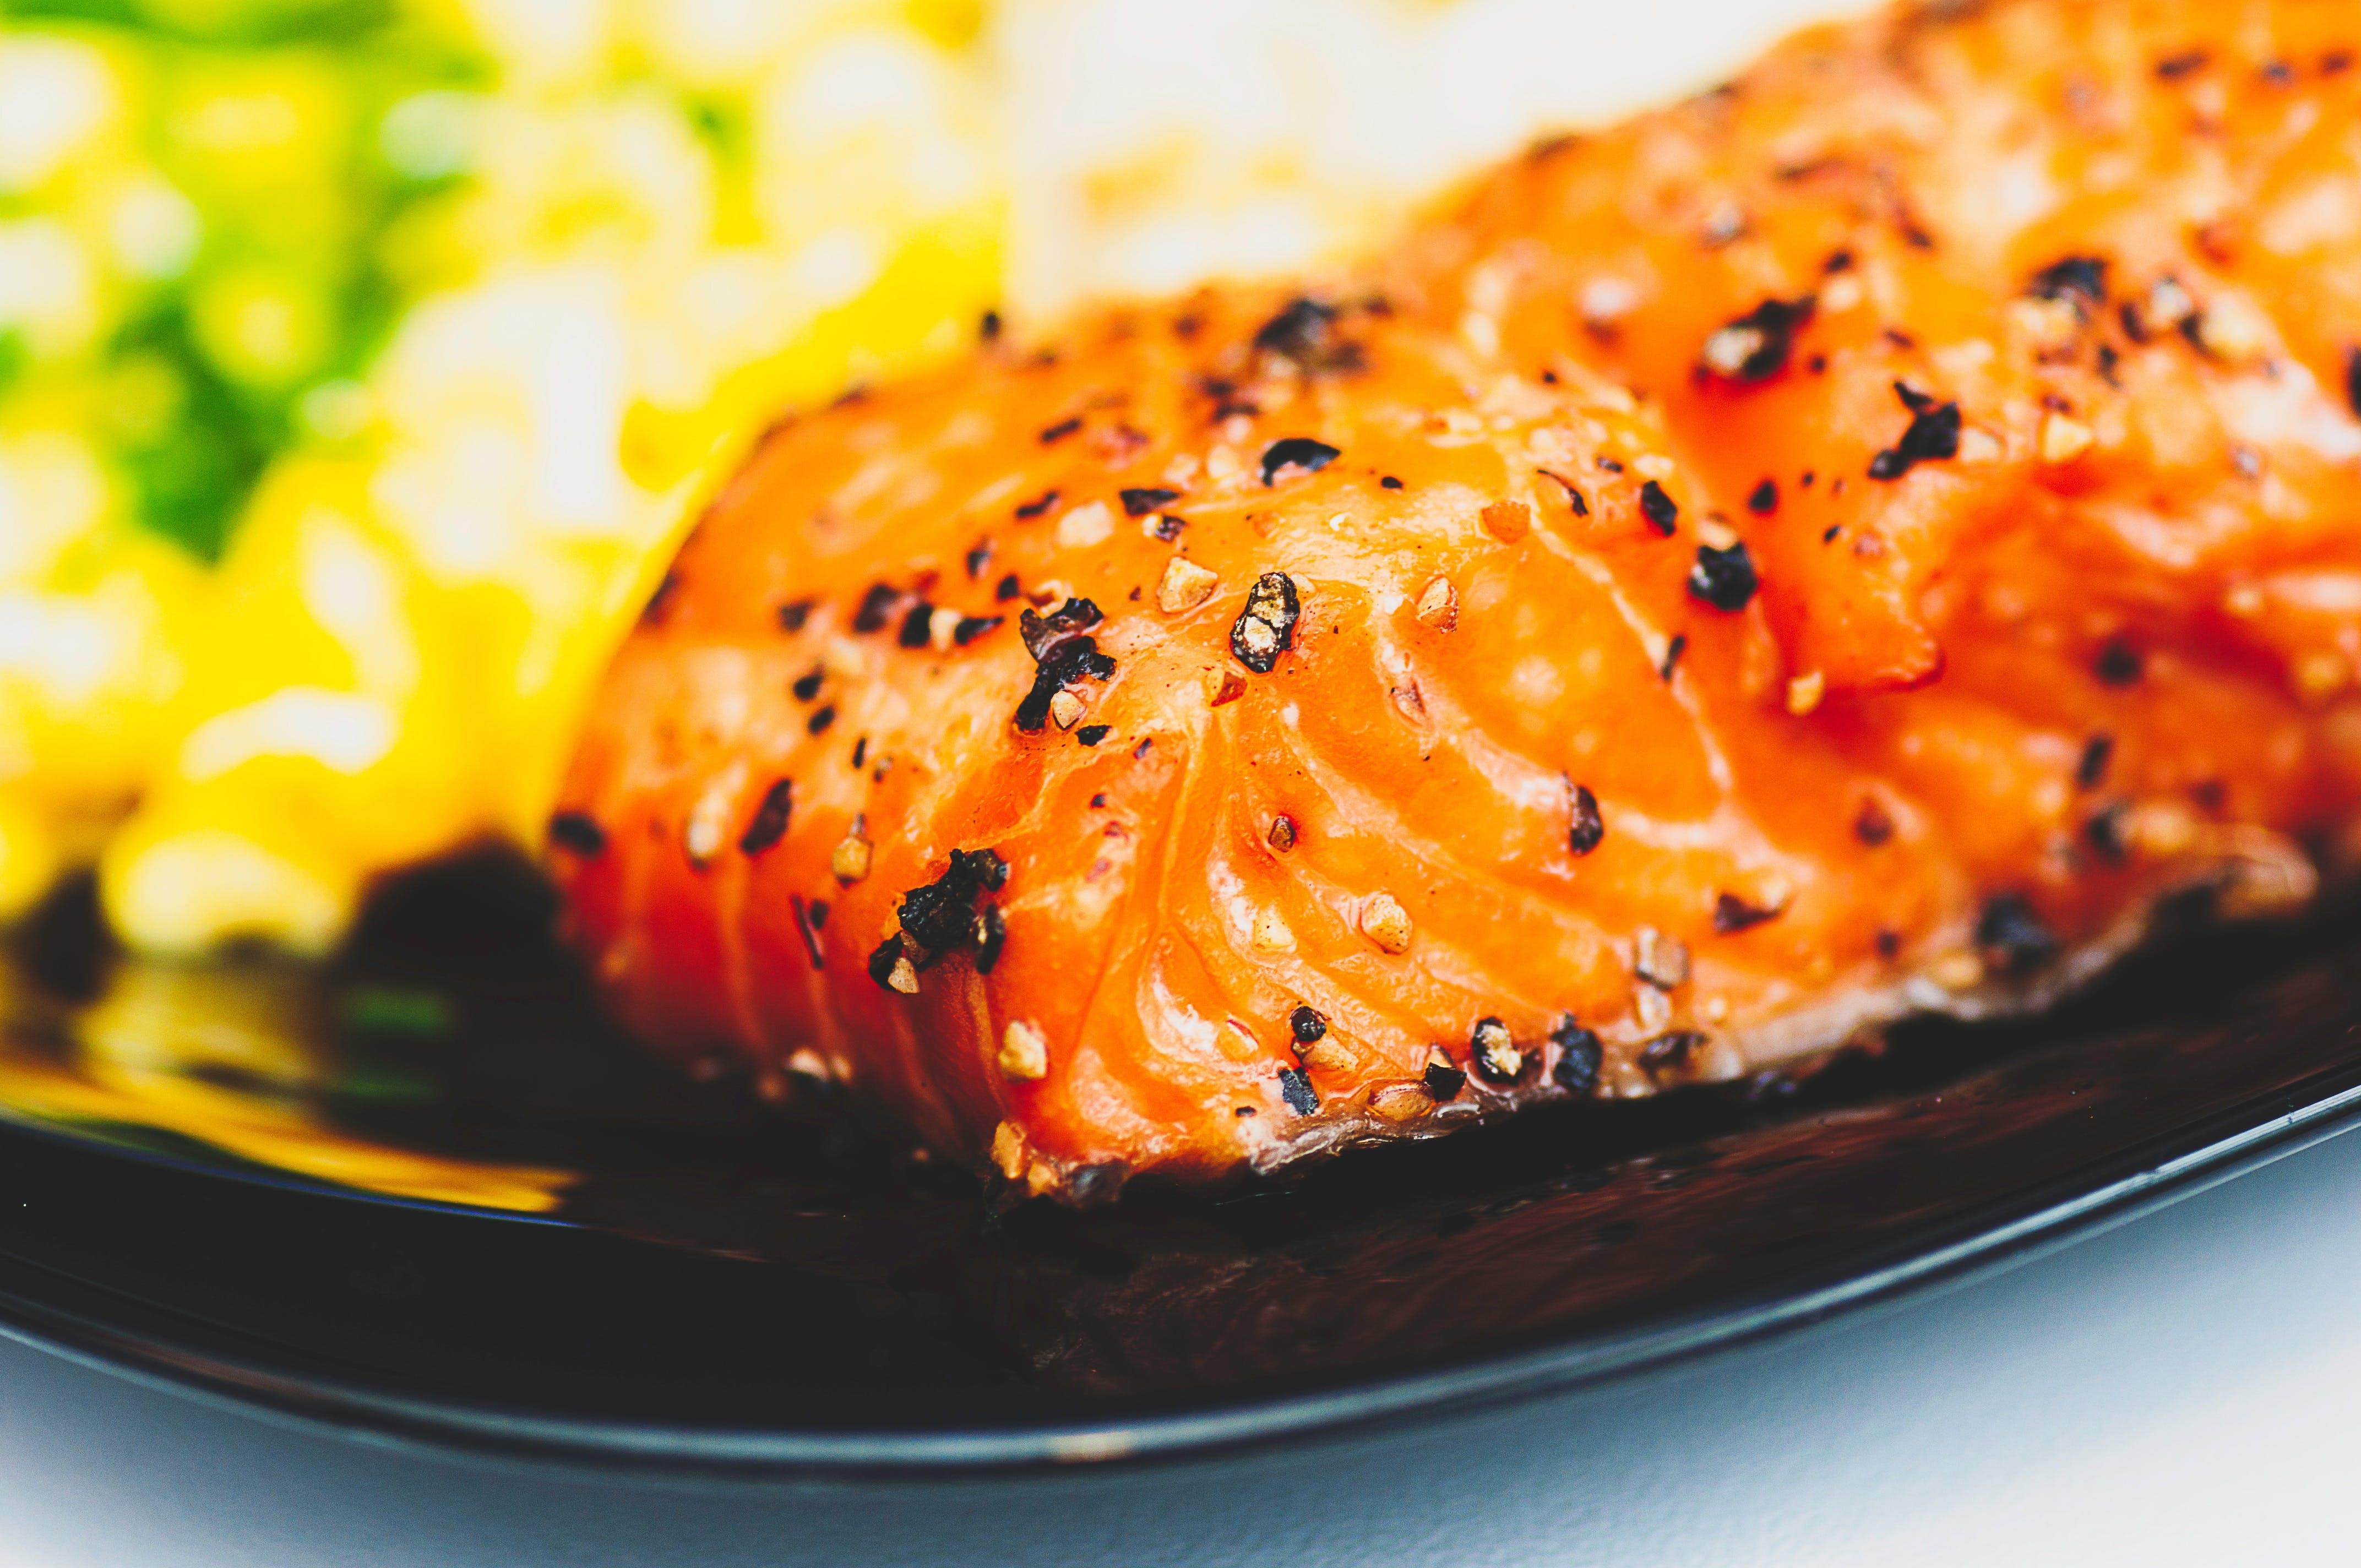 Sashimi on Black Plate